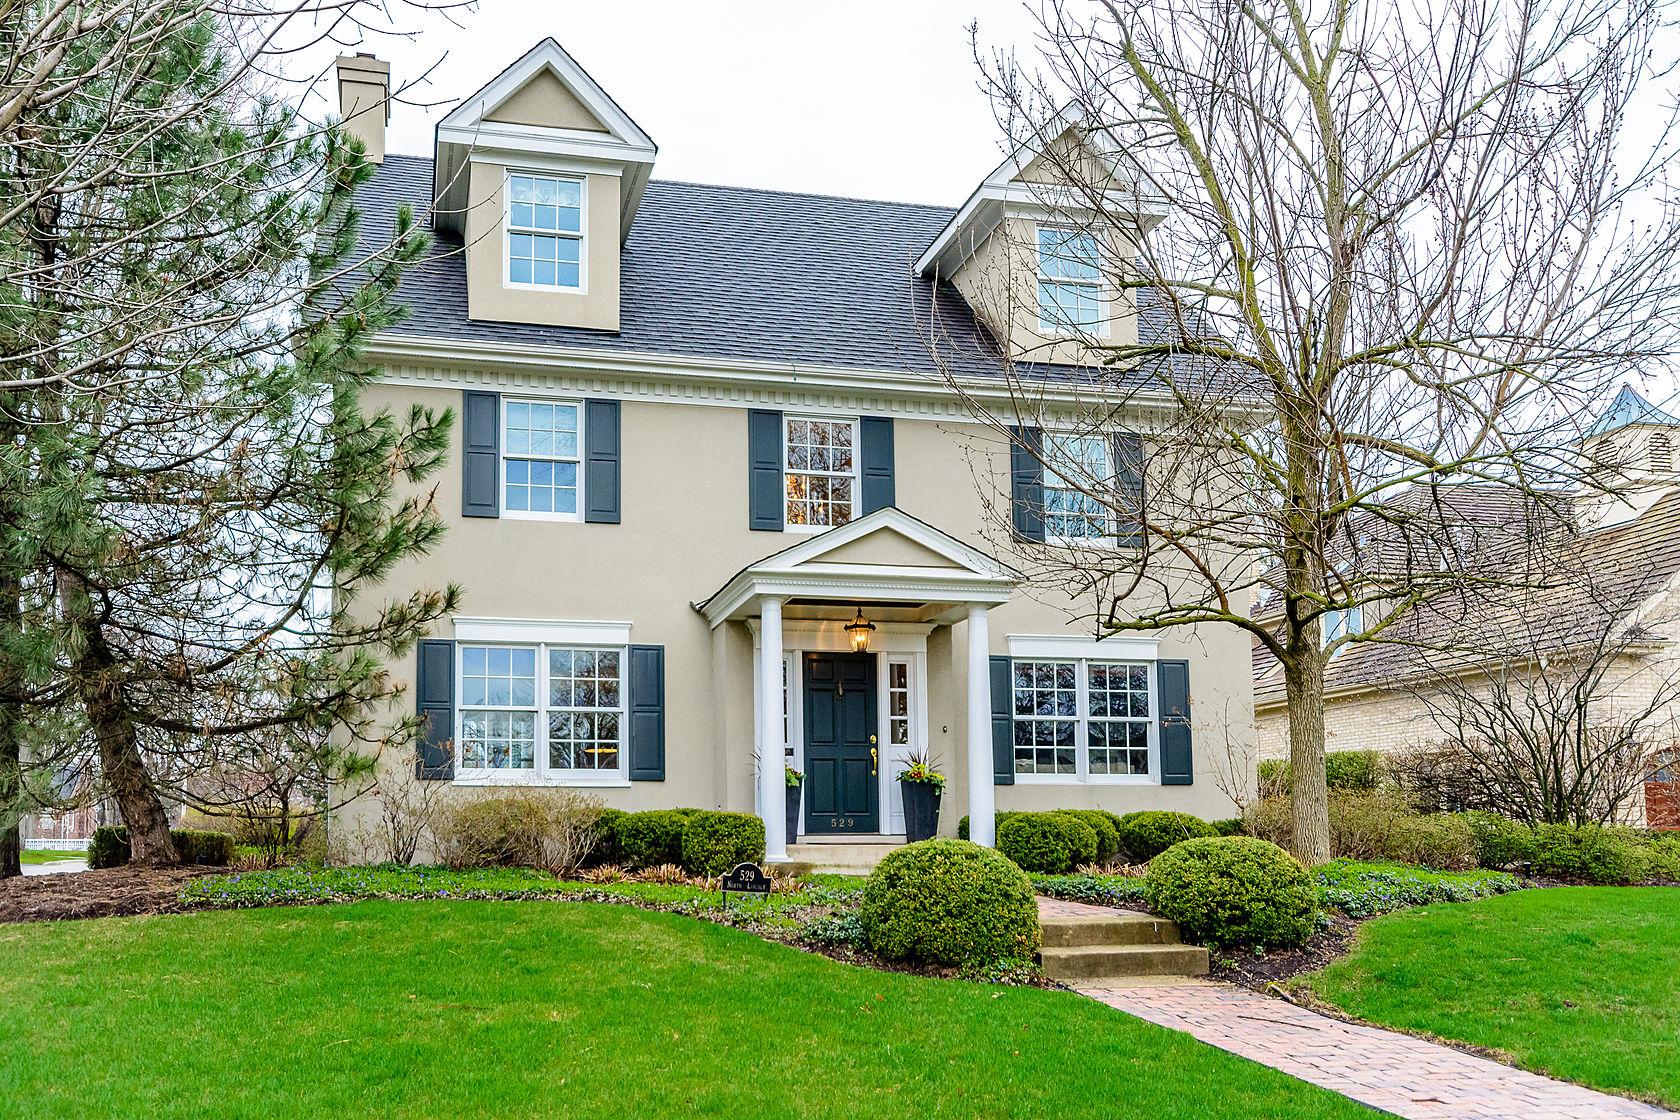 Maison unifamiliale pour l Vente à 529 N. Lincoln Hinsdale, Illinois, 60521 États-Unis